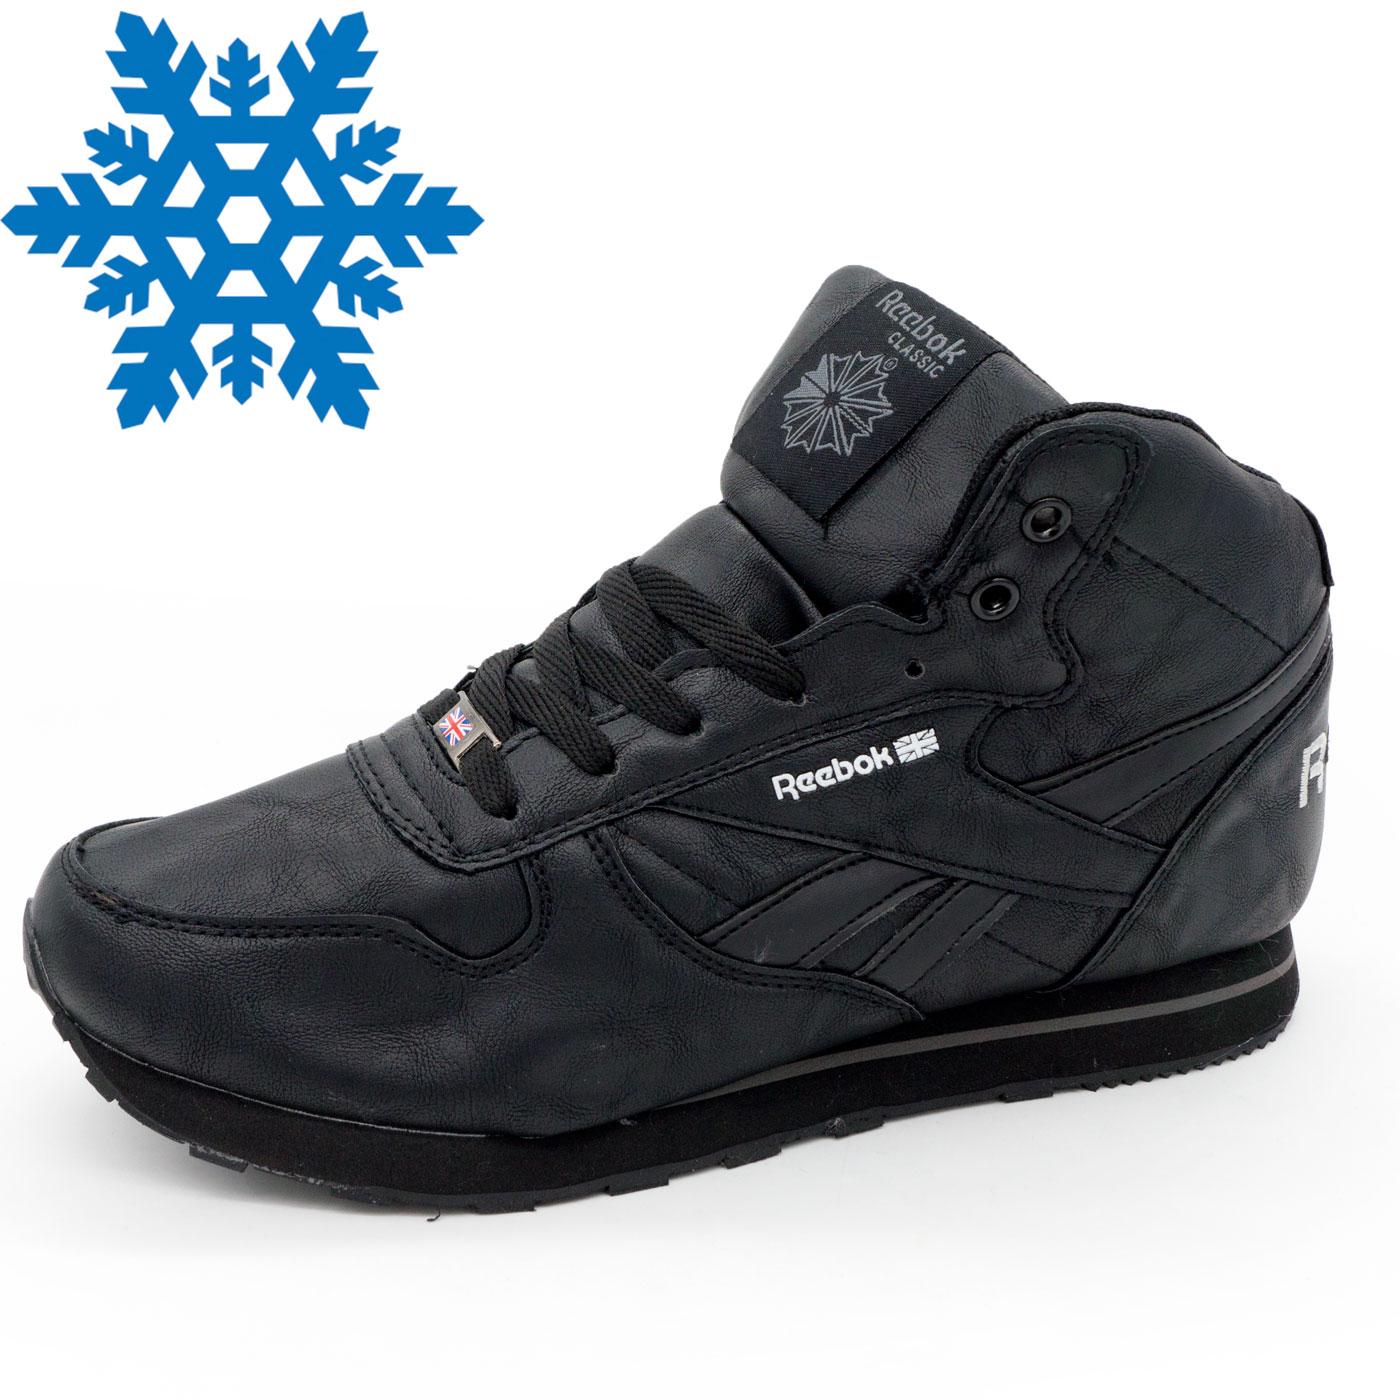 фото main Мужские зимние кроссовки Reebok classic полностью черные с мехом  main ... 8fddd5386b88c